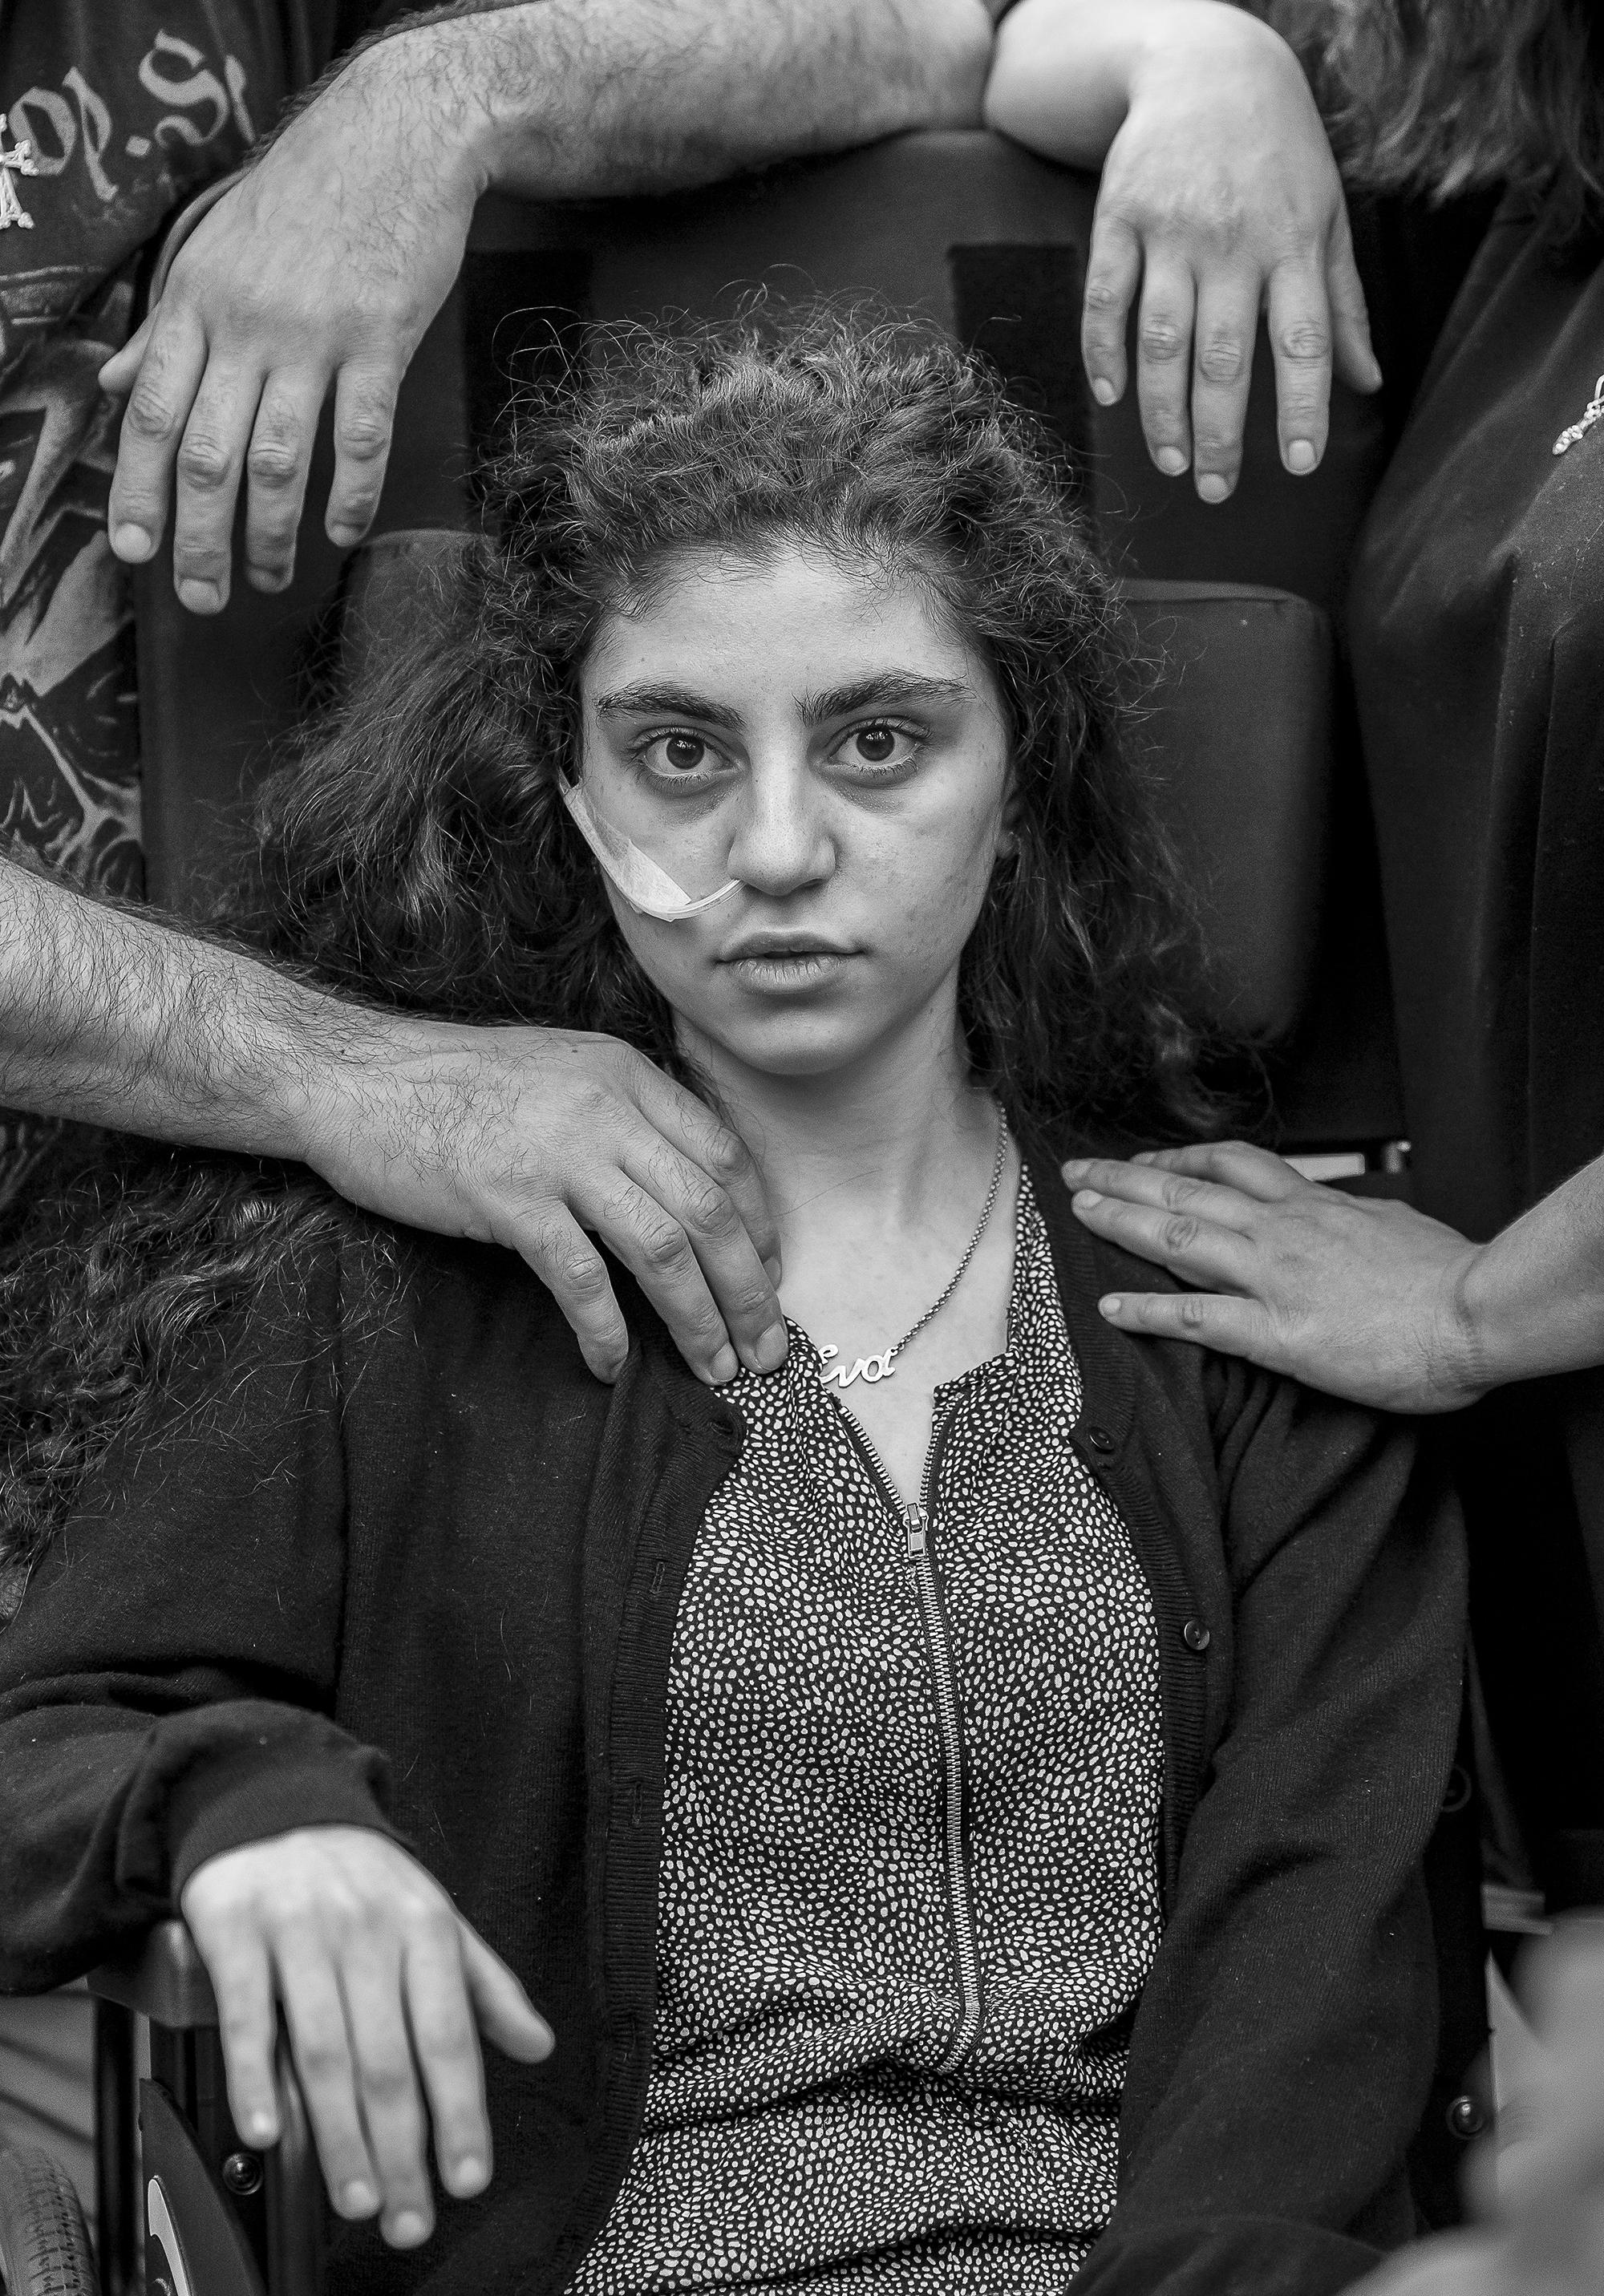 Ewa ontwaakt uit resignation syndrome - foto Tomasz Kaczor